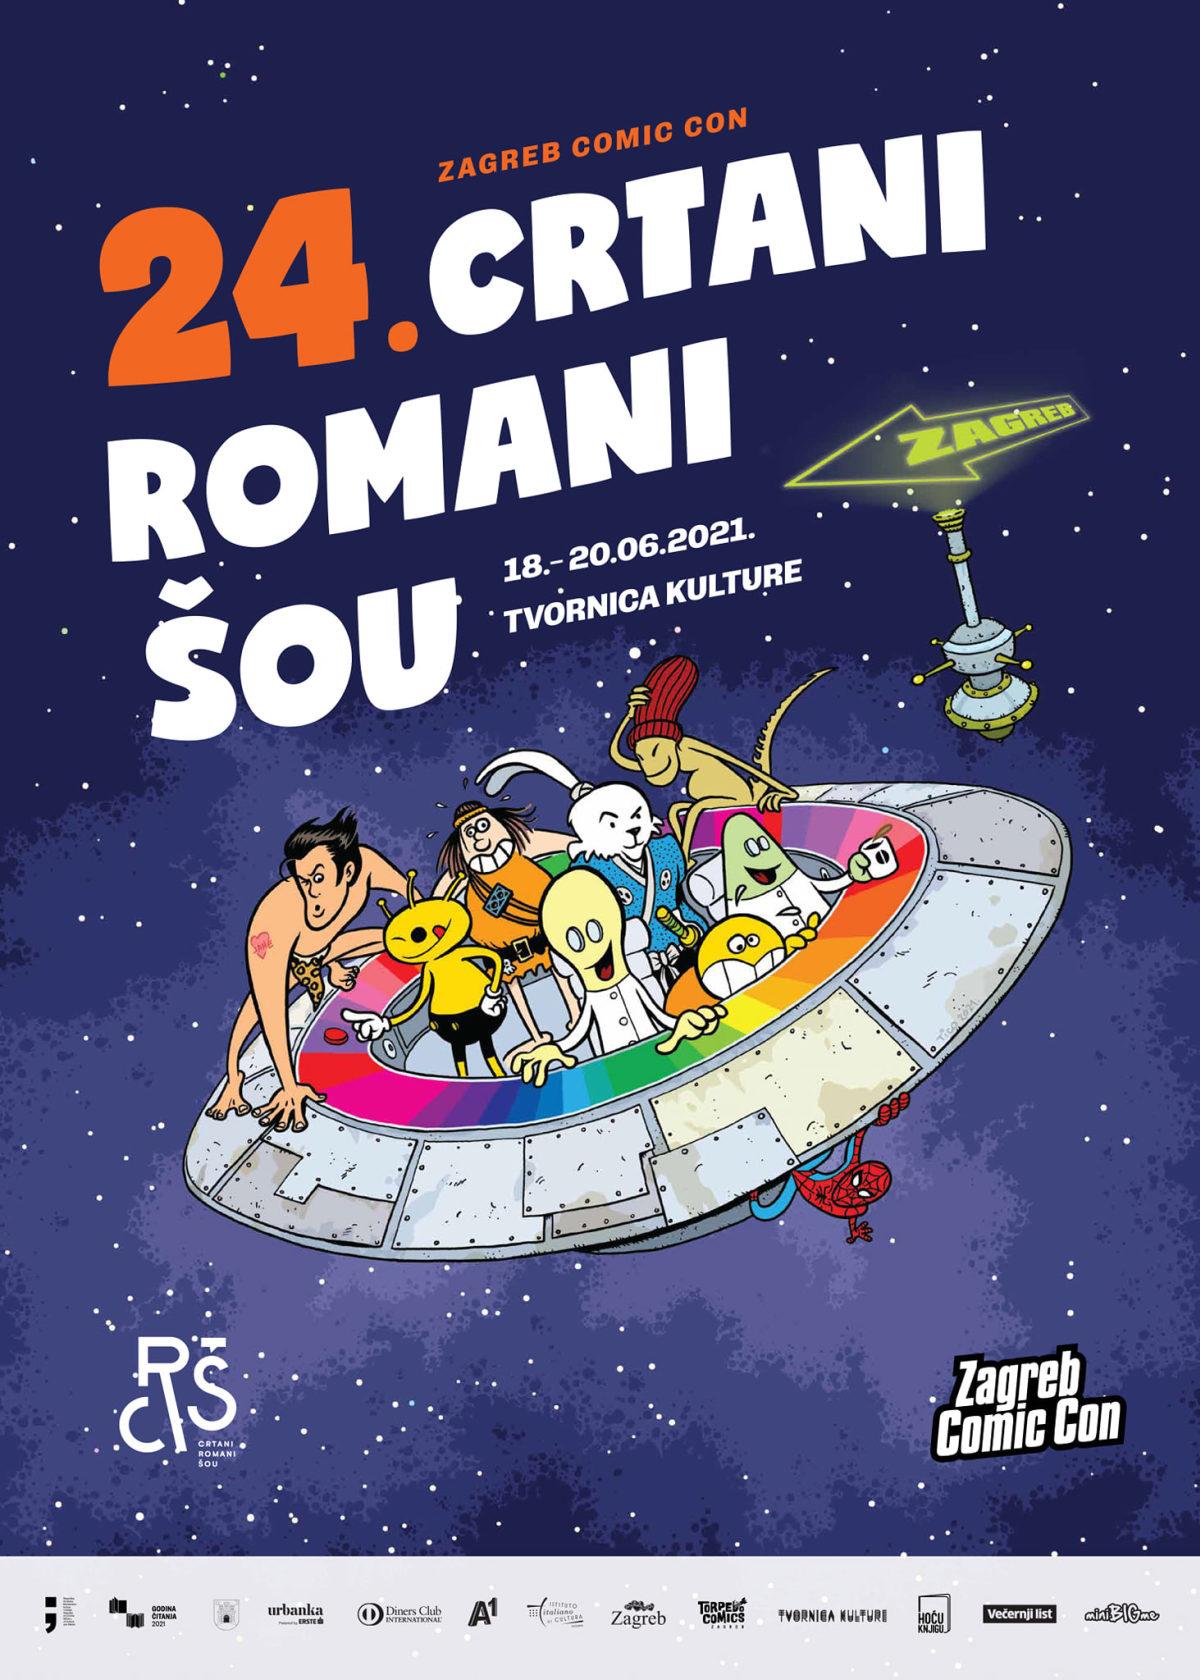 Crtani romani šou